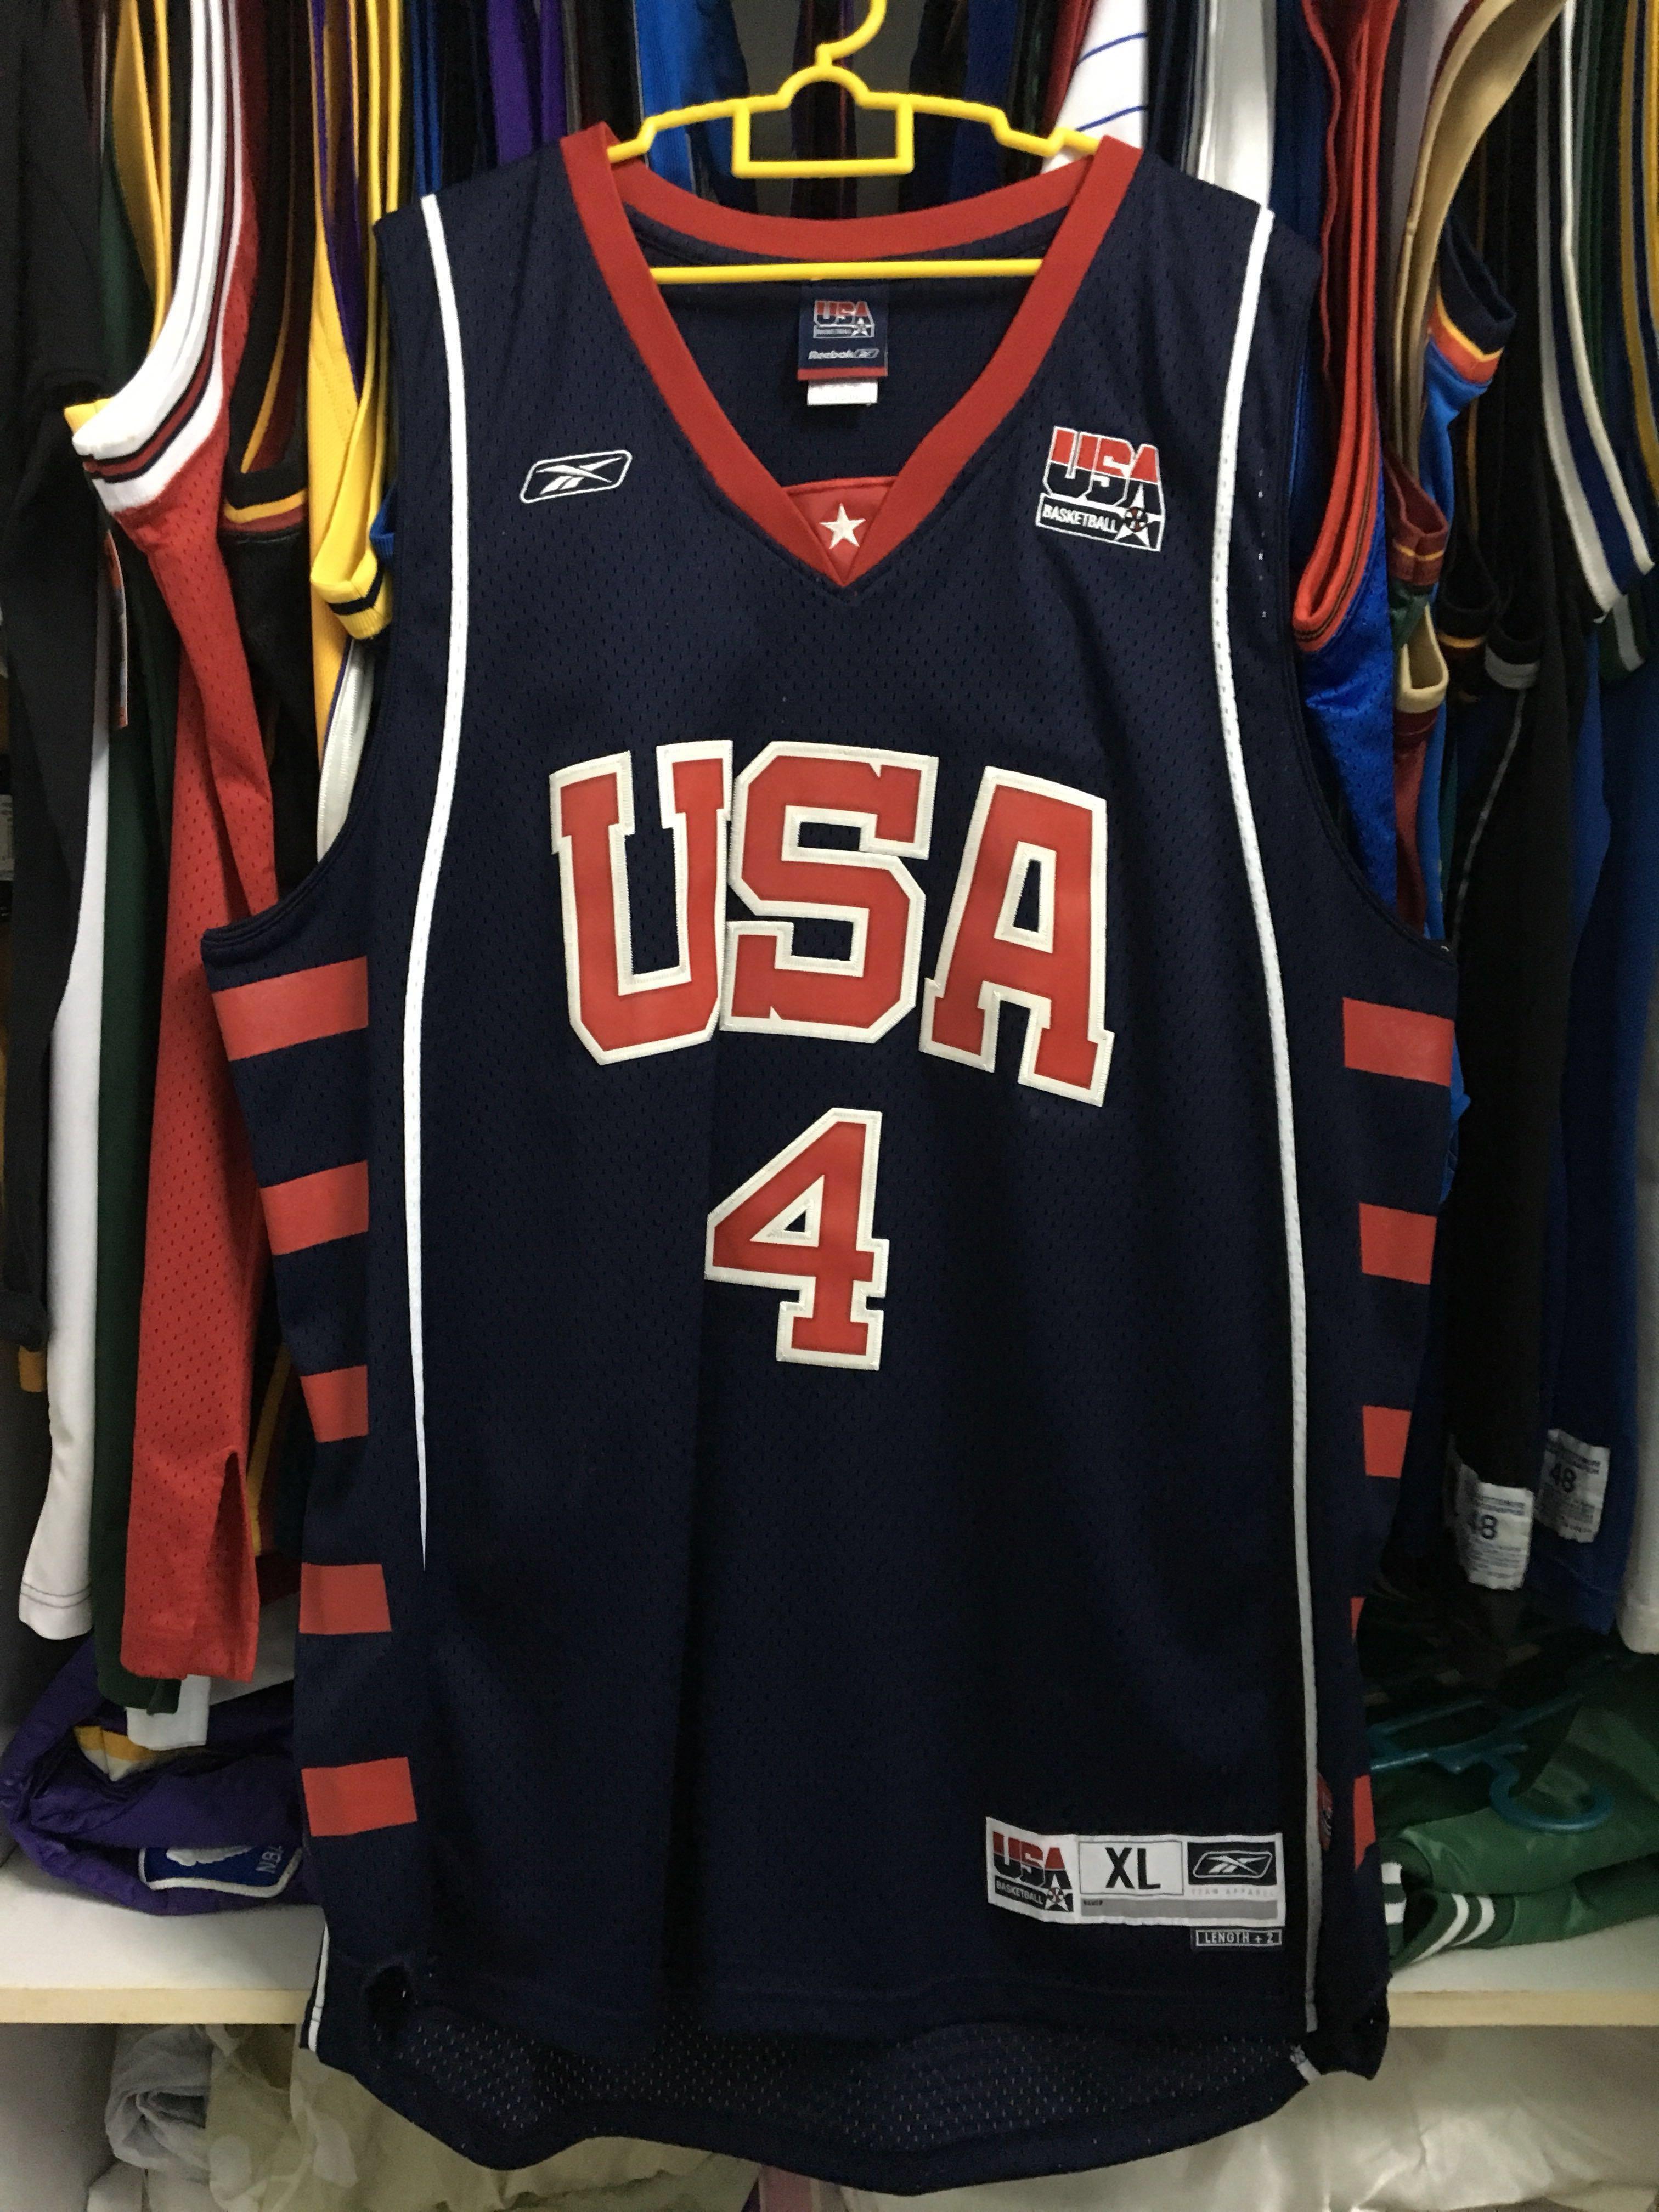 Reebok Basketball NBA Allen Iverson Team USA jersey XL b9a5005a2